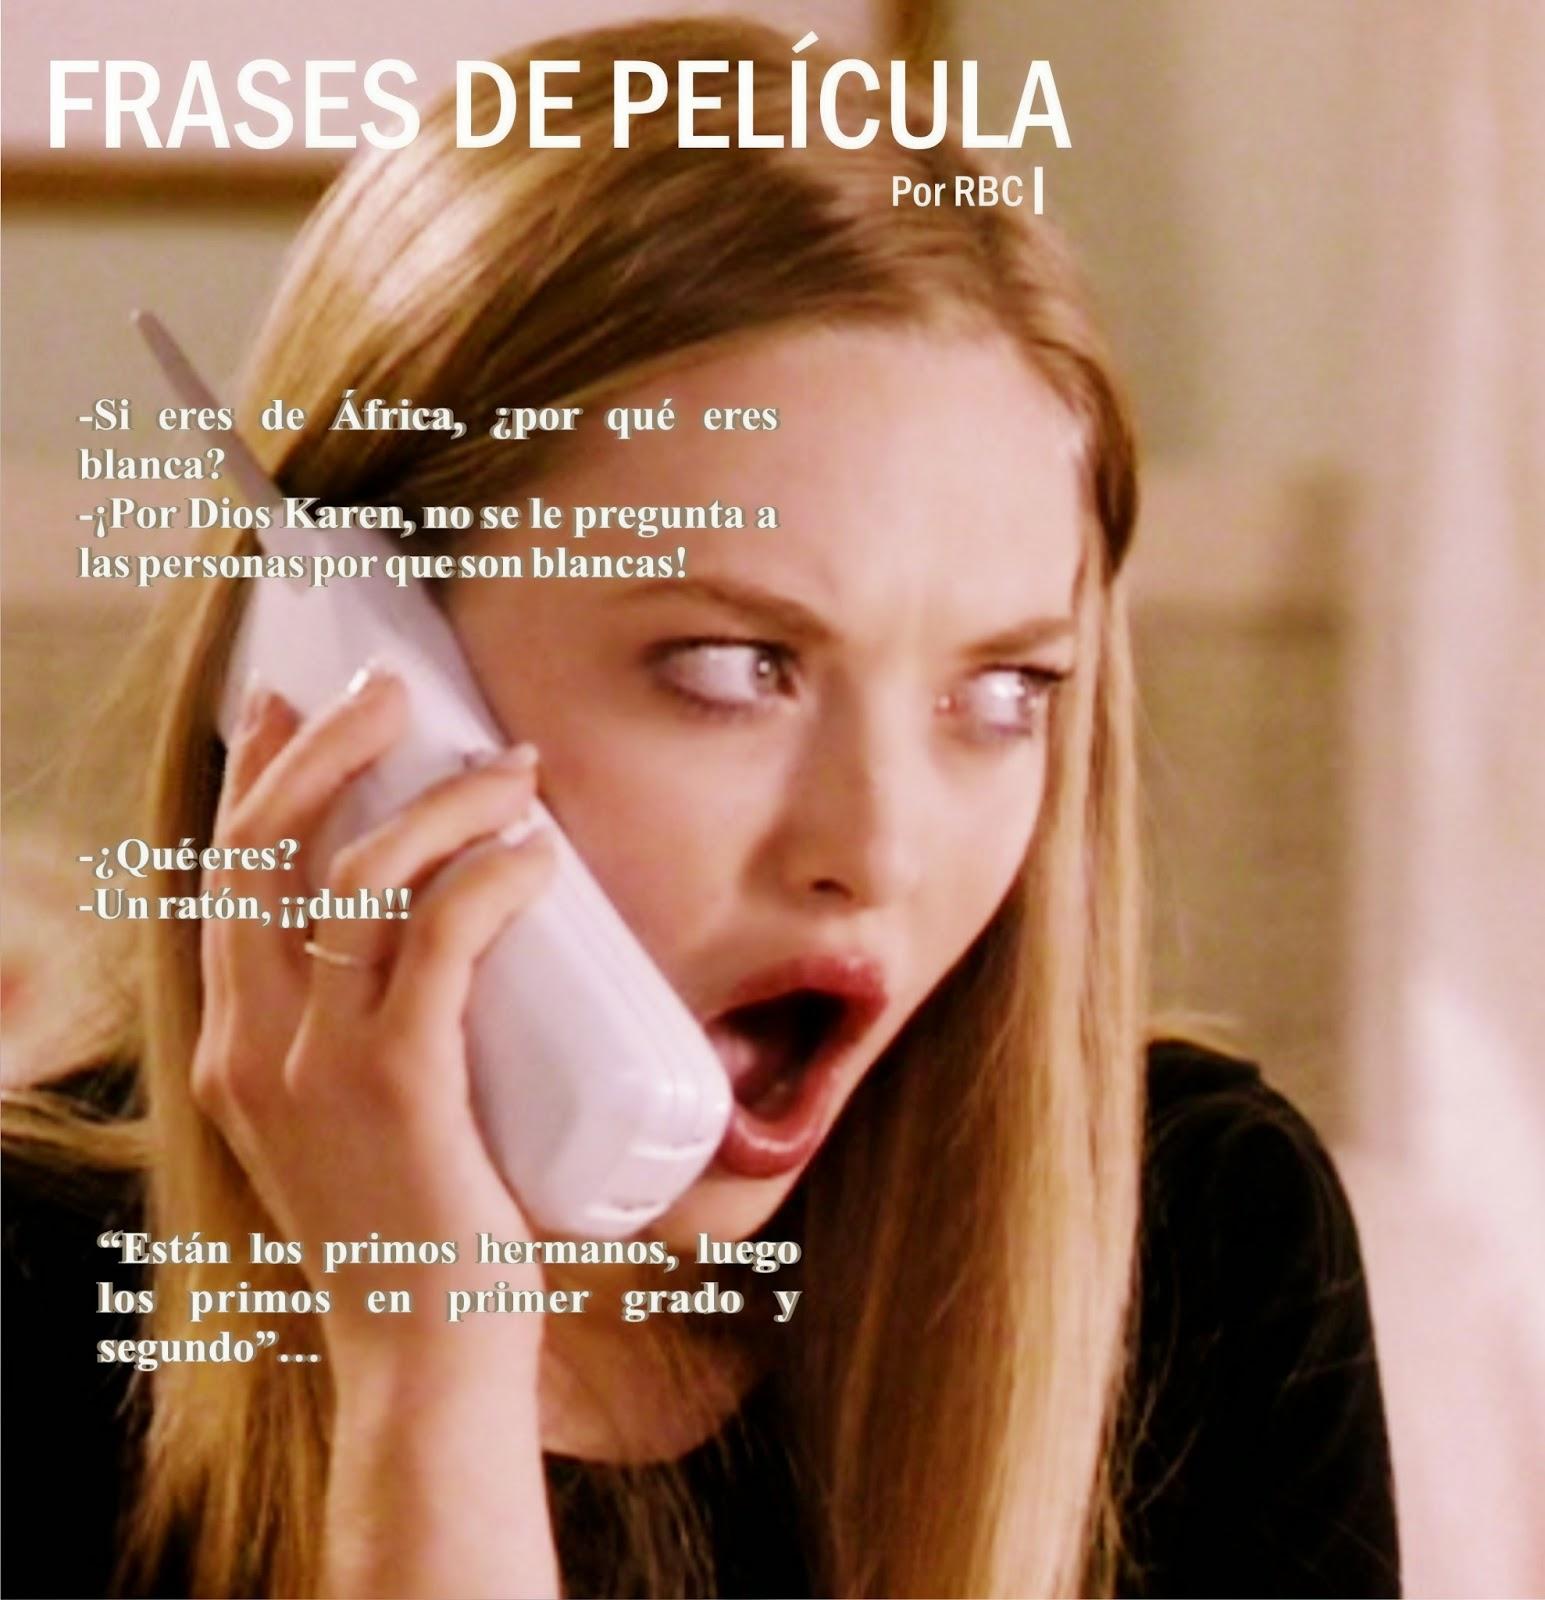 Emblogrium Revista 2015 Frases De Película Chicas Pesadas